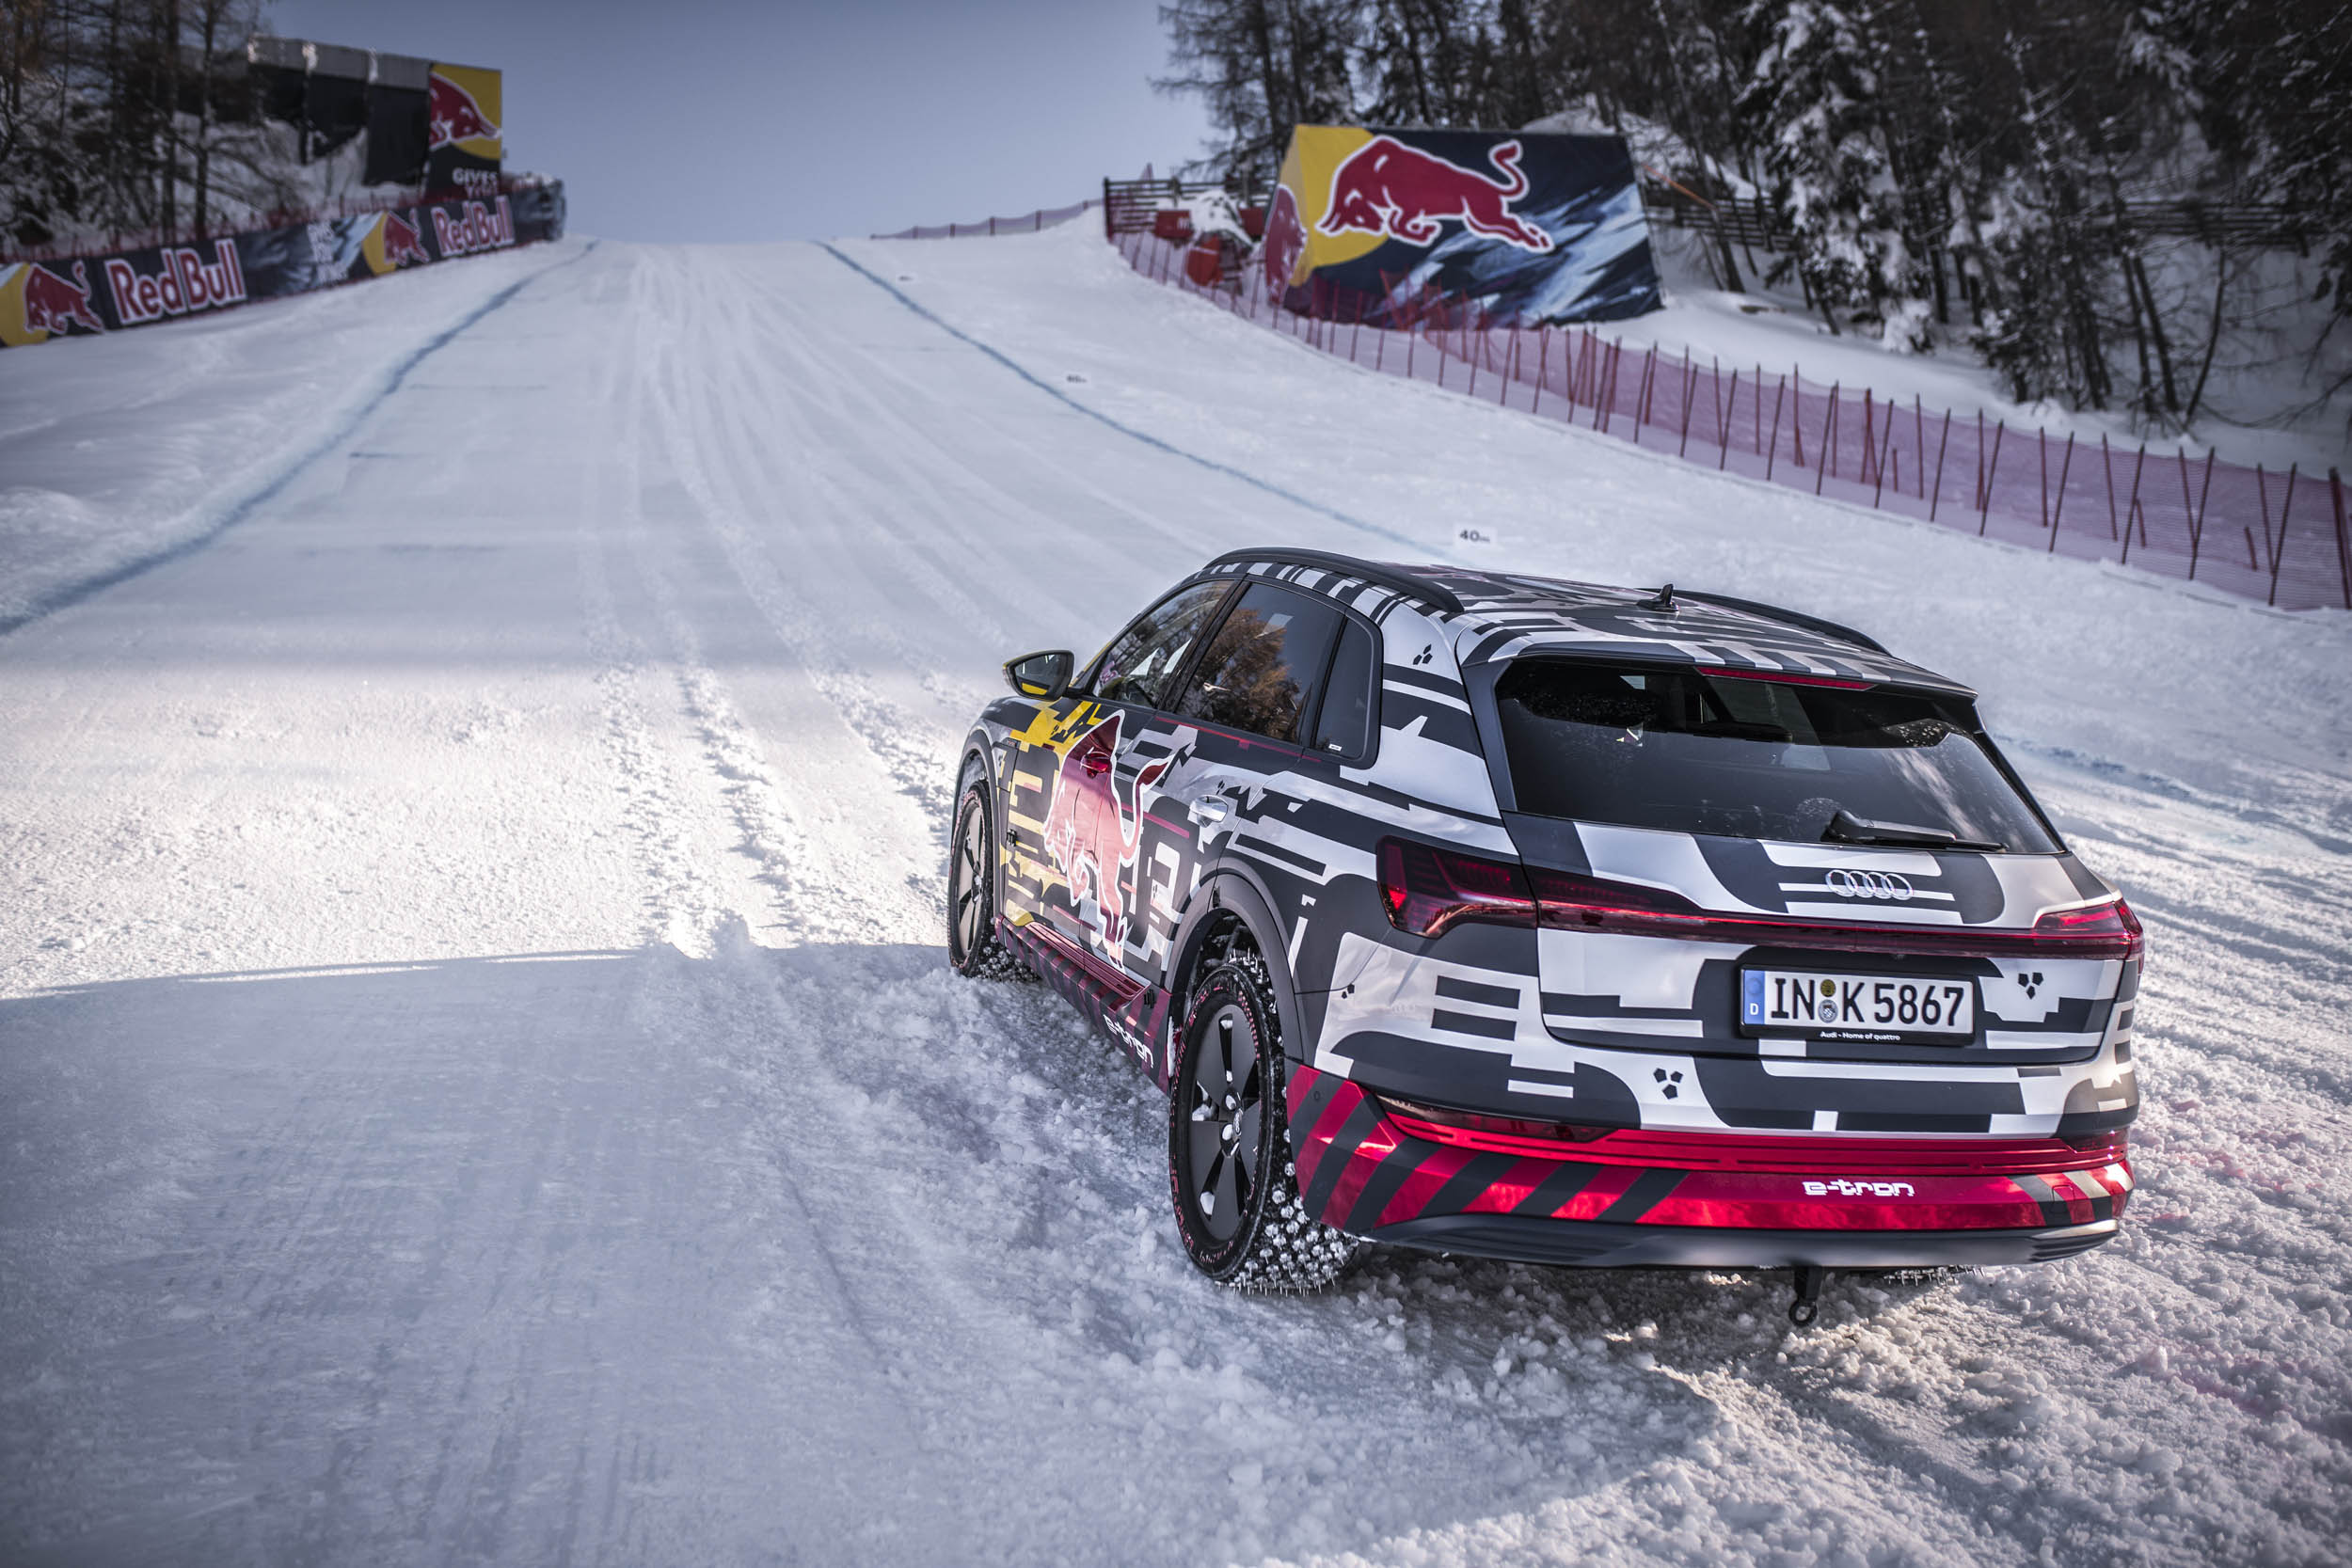 Audi e-tron extreme ready to climb the hill